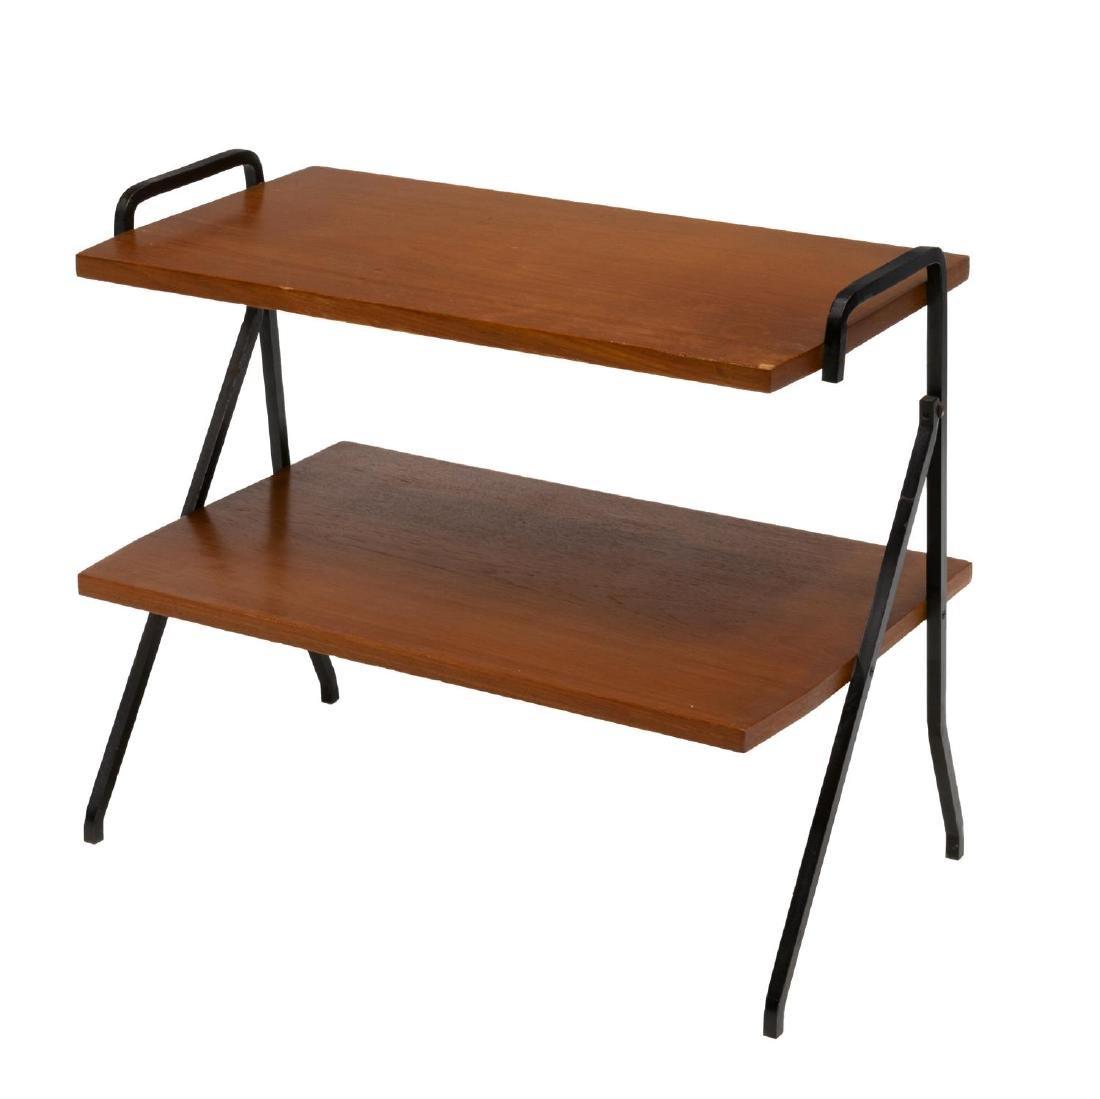 ITALIAN MID-CENTURY TEAK & IRON 2-TIER SIDE TABLE